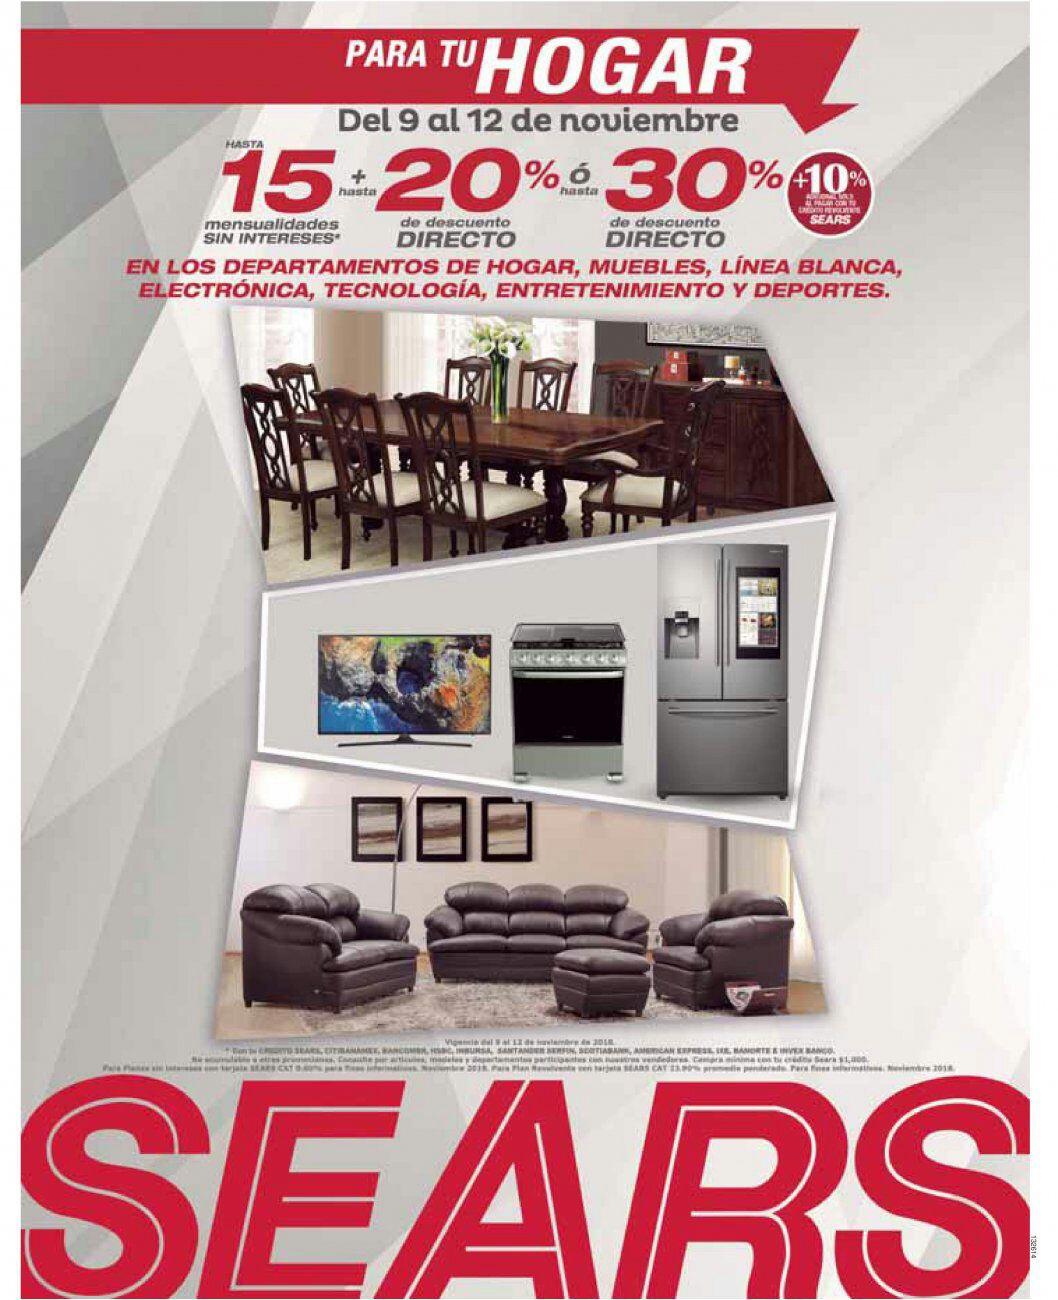 Sears: Hasta 15 MSI + hasta 20% desc. directo... ó hasta 30% desc. directo + 10% adicional con crédito revolvente Sears